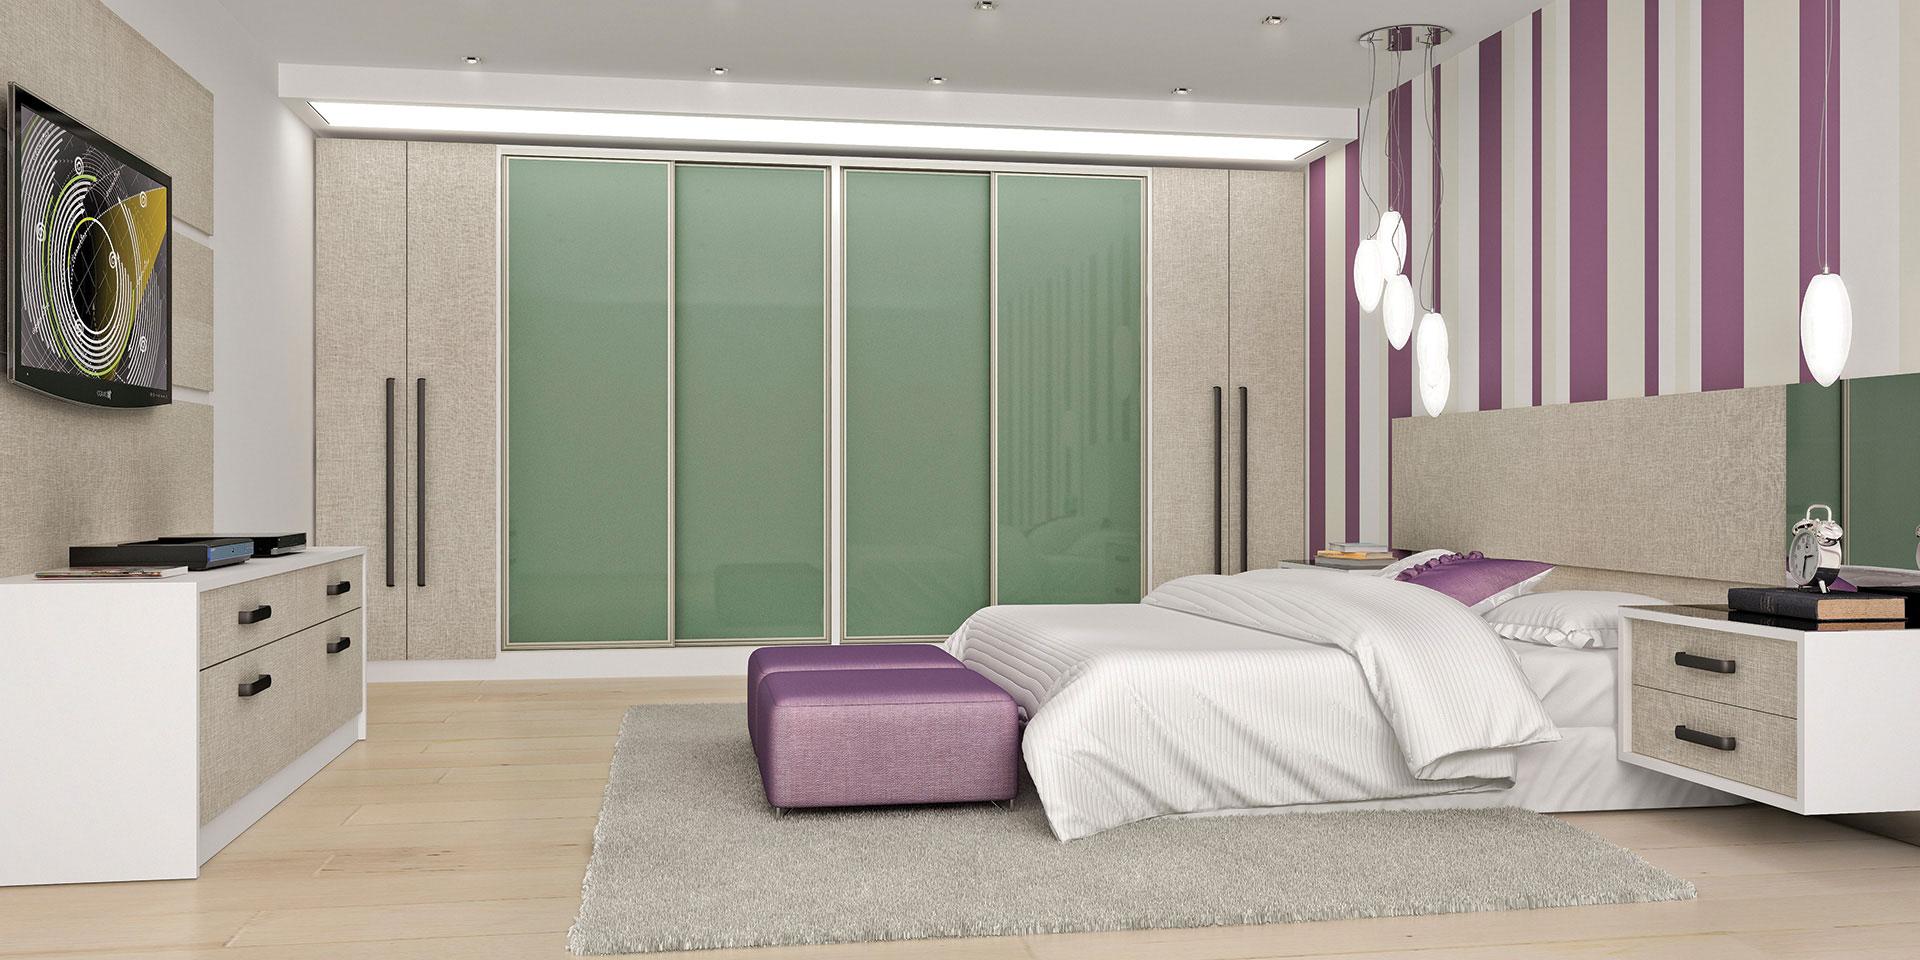 Caixa e tampos Branco com frentes e portas em BP Narita e portas de Correr vidro colorido Bambu